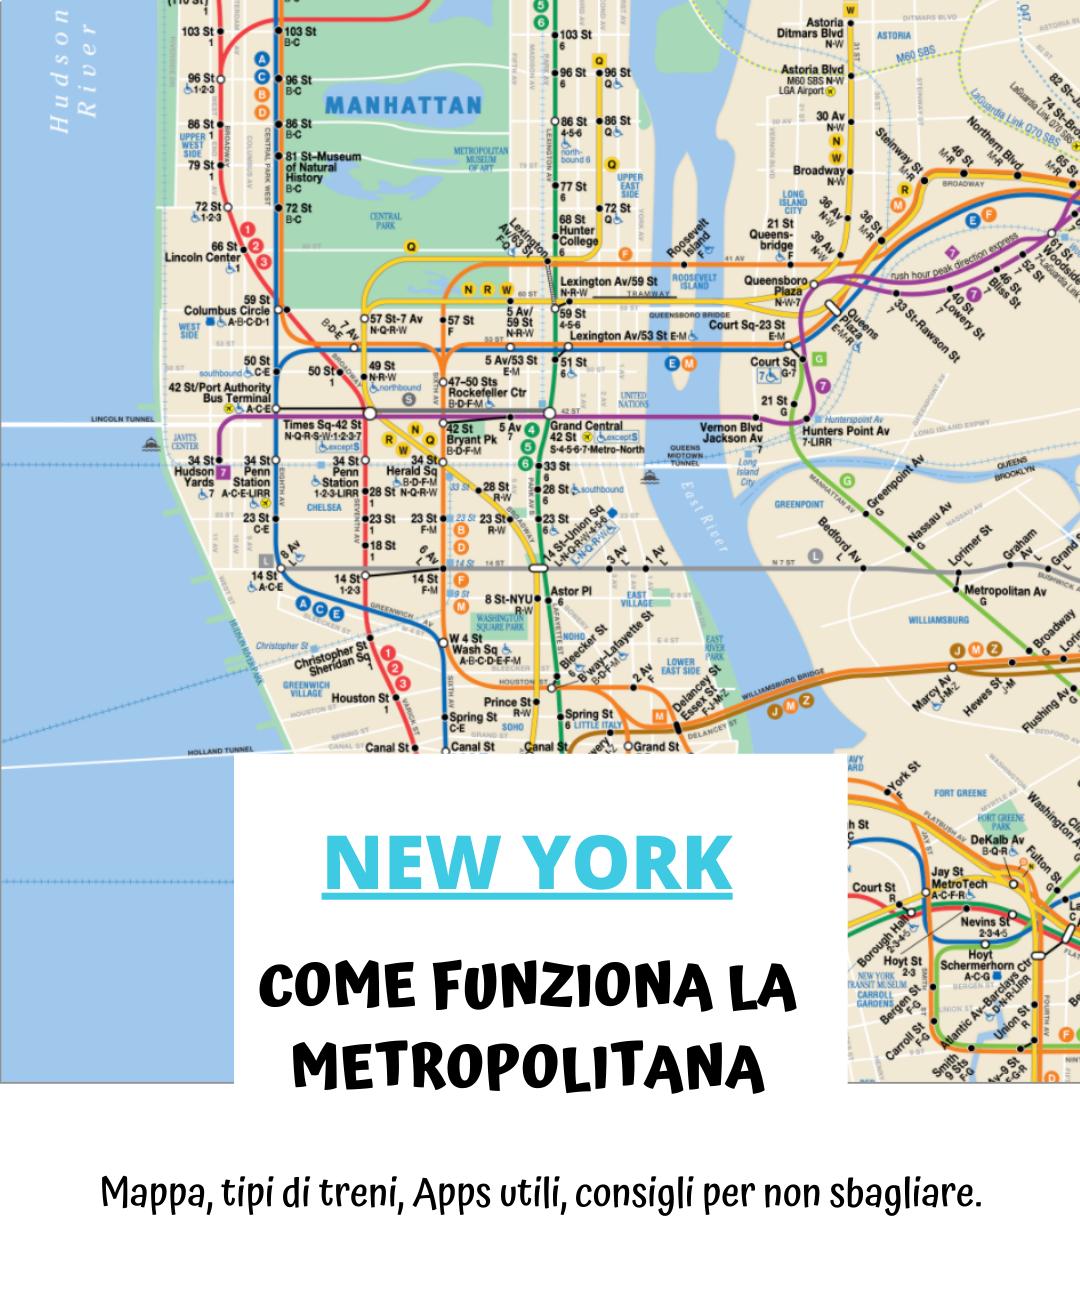 Metro di New York: mappa, come funziona, abbonamenti.